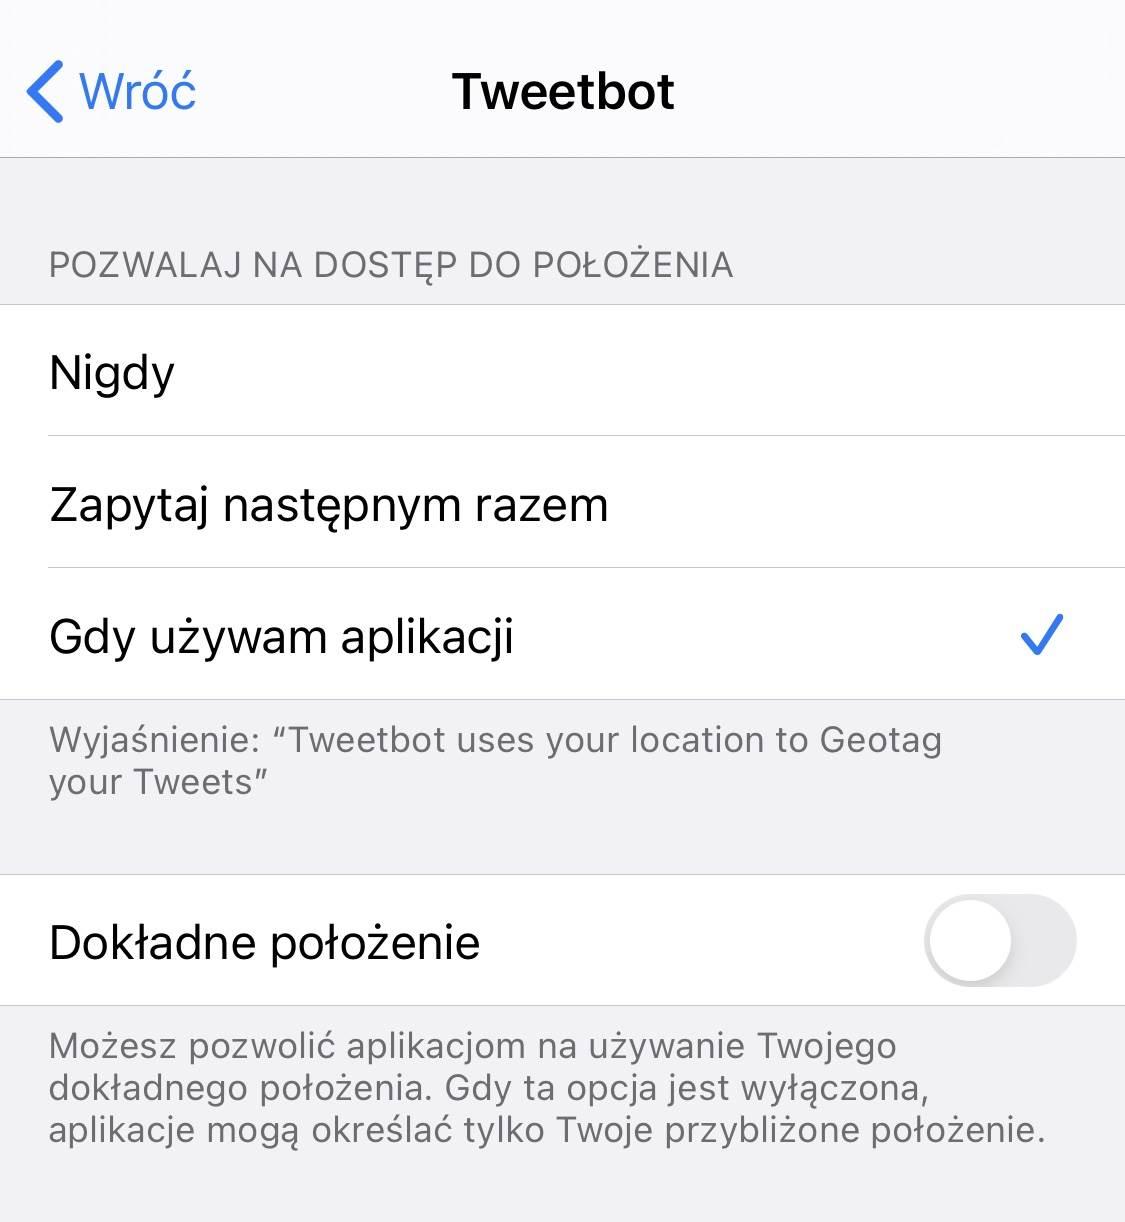 Dokładne położenie - kolejna nowość w iOS 14 / iPadOS 14, która dba o naszą prywatność polecane, ciekawostki Nowość, iPhone, iPadOS 14, iOS 14, Dokładne położenie  Kolejną bardzo ciekawą nowością w iOS 14 i iPadOS 14 o której musimy wspomnieć jest opcja Dokładne położenie. Co to takiego i jak działa? Już wyjaśniamy. iOS14 polozenie 1